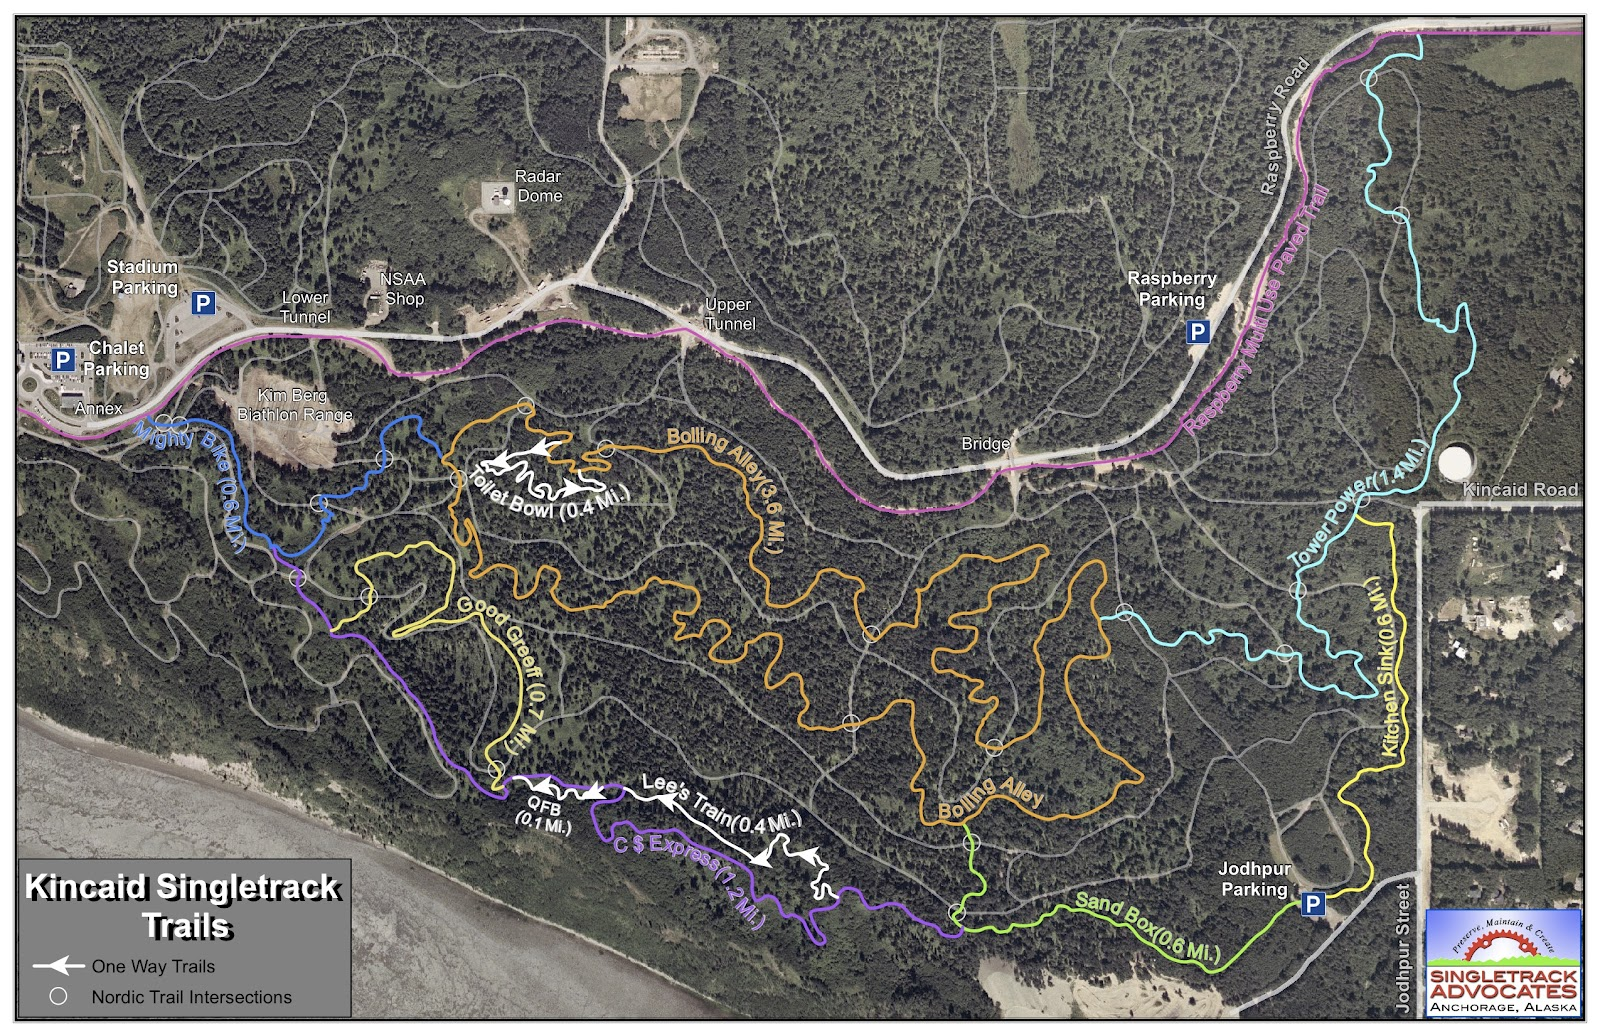 Single trail park brilon